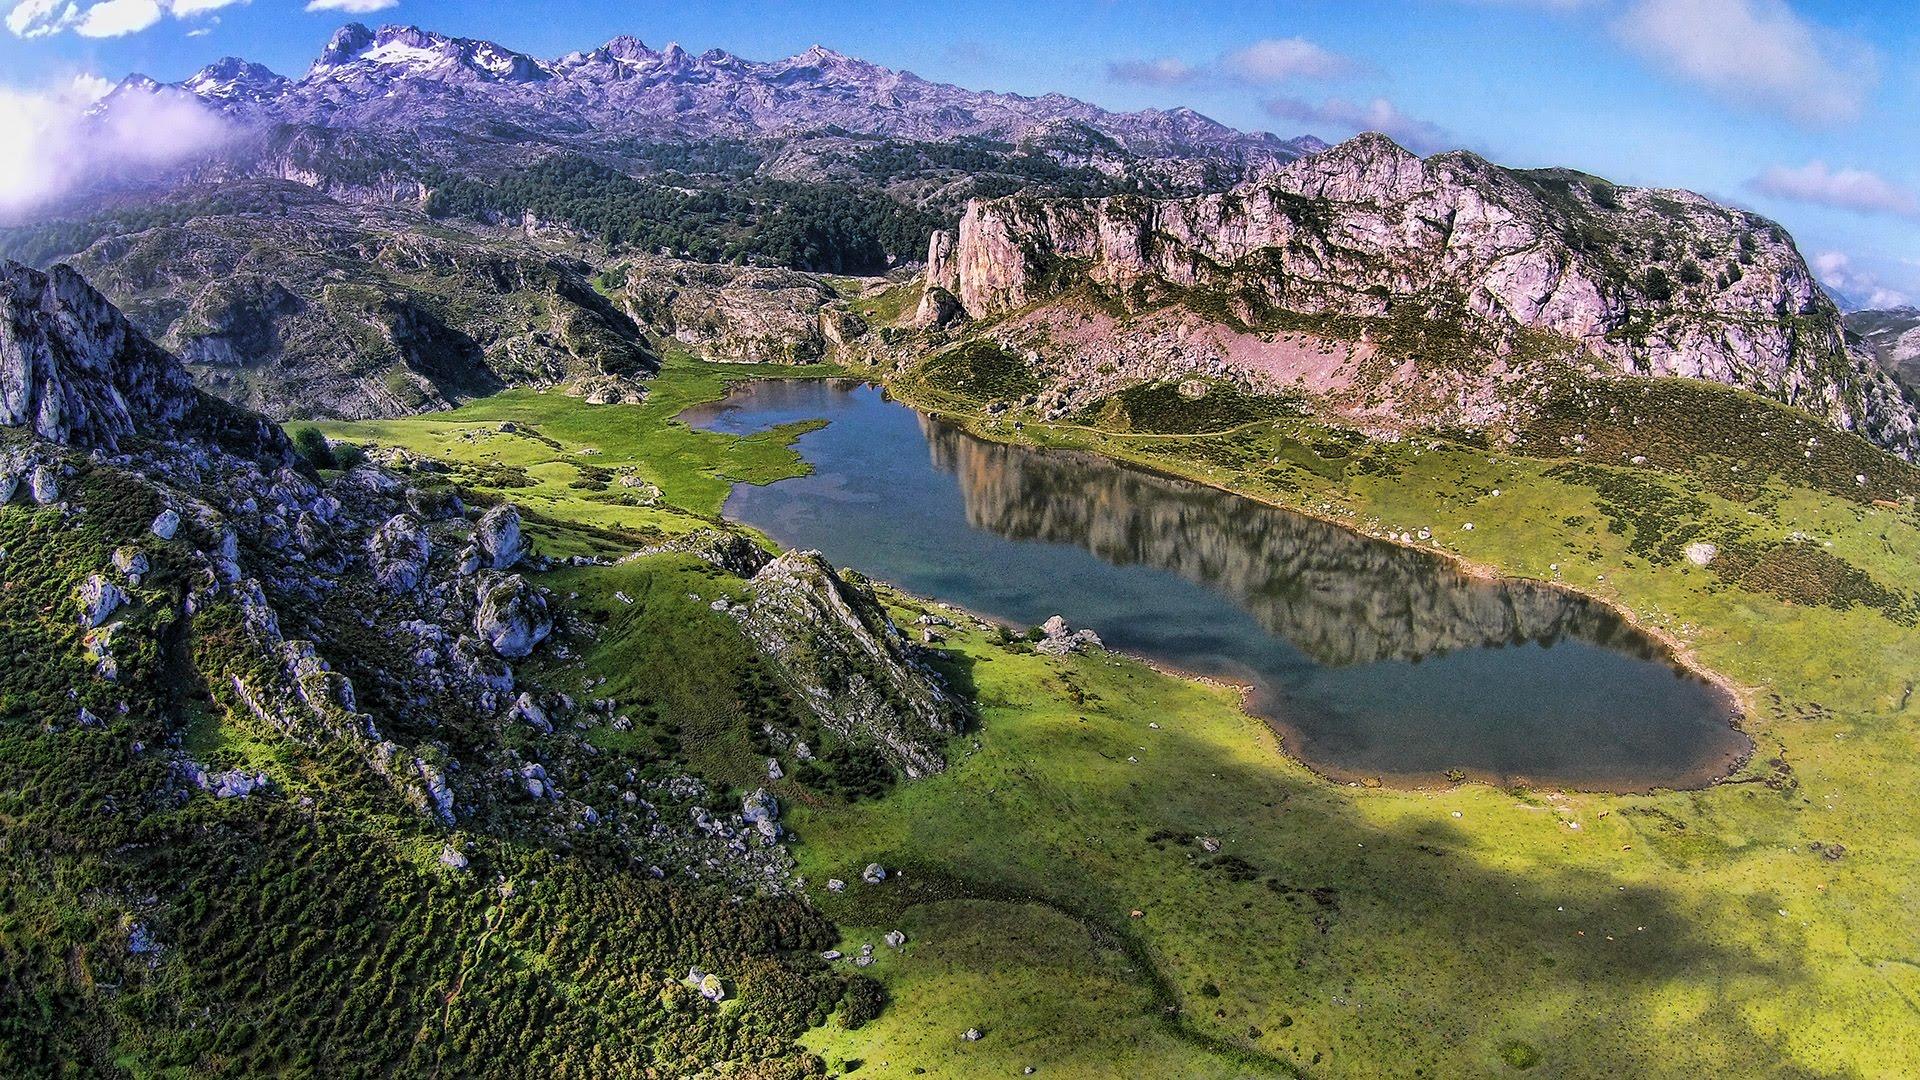 Visitar el Parque Nacional de los Picos de Europa. 2